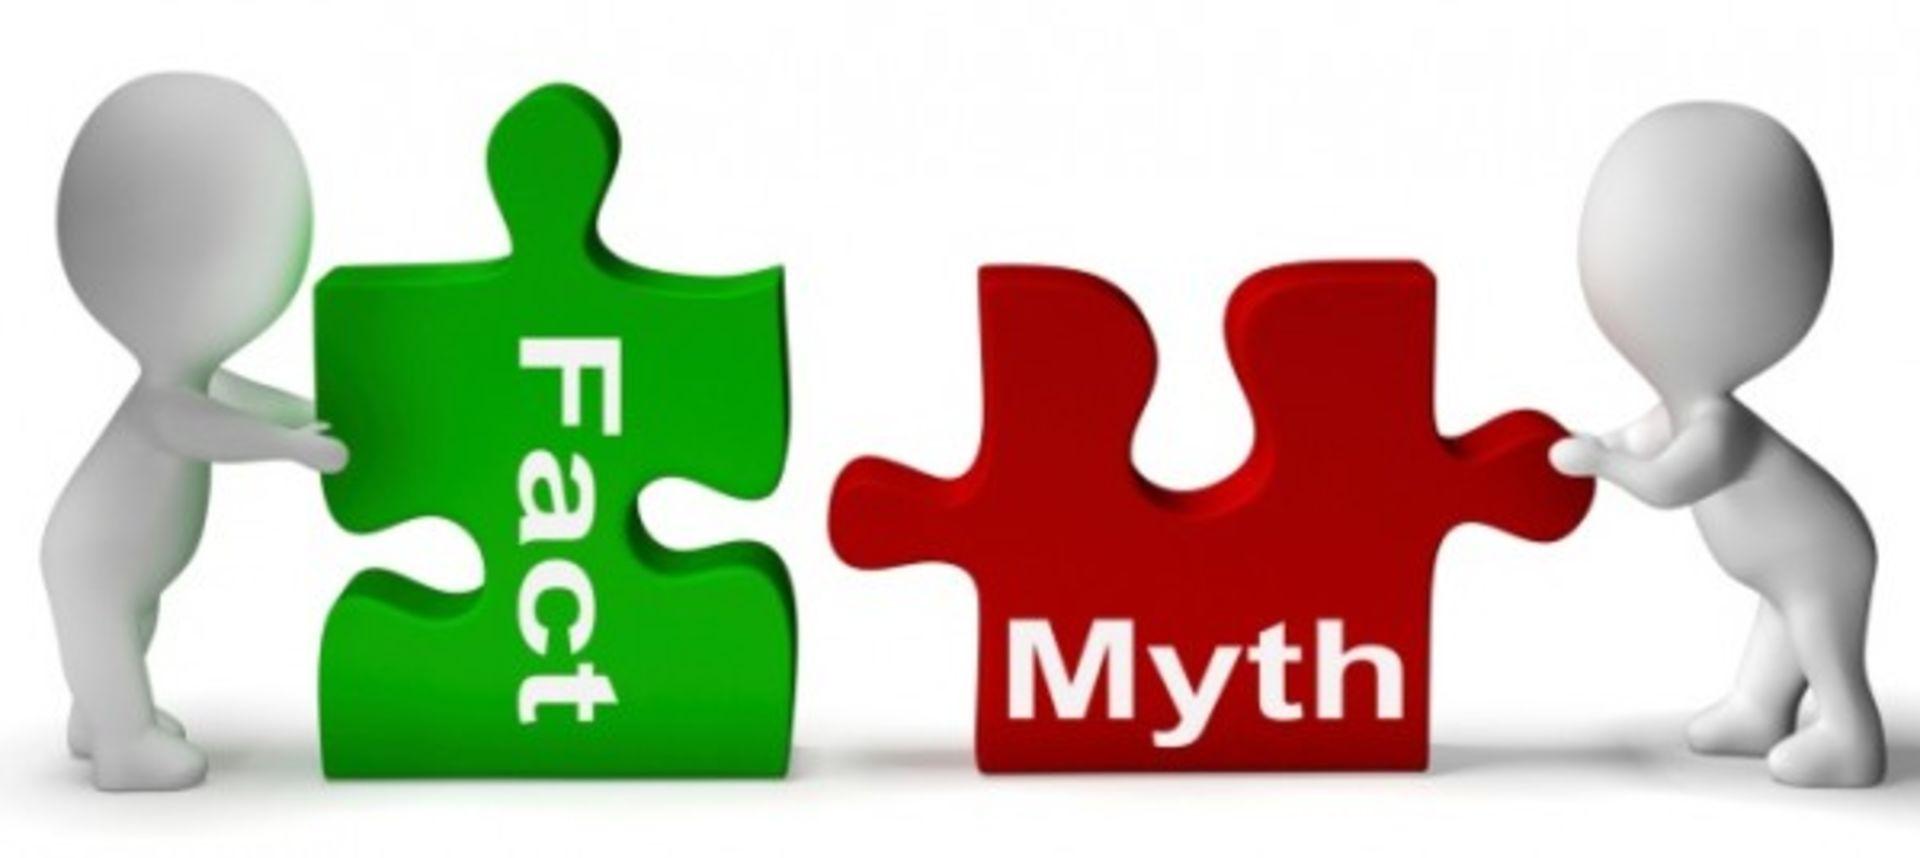 6 Real Estate Myths Debunked